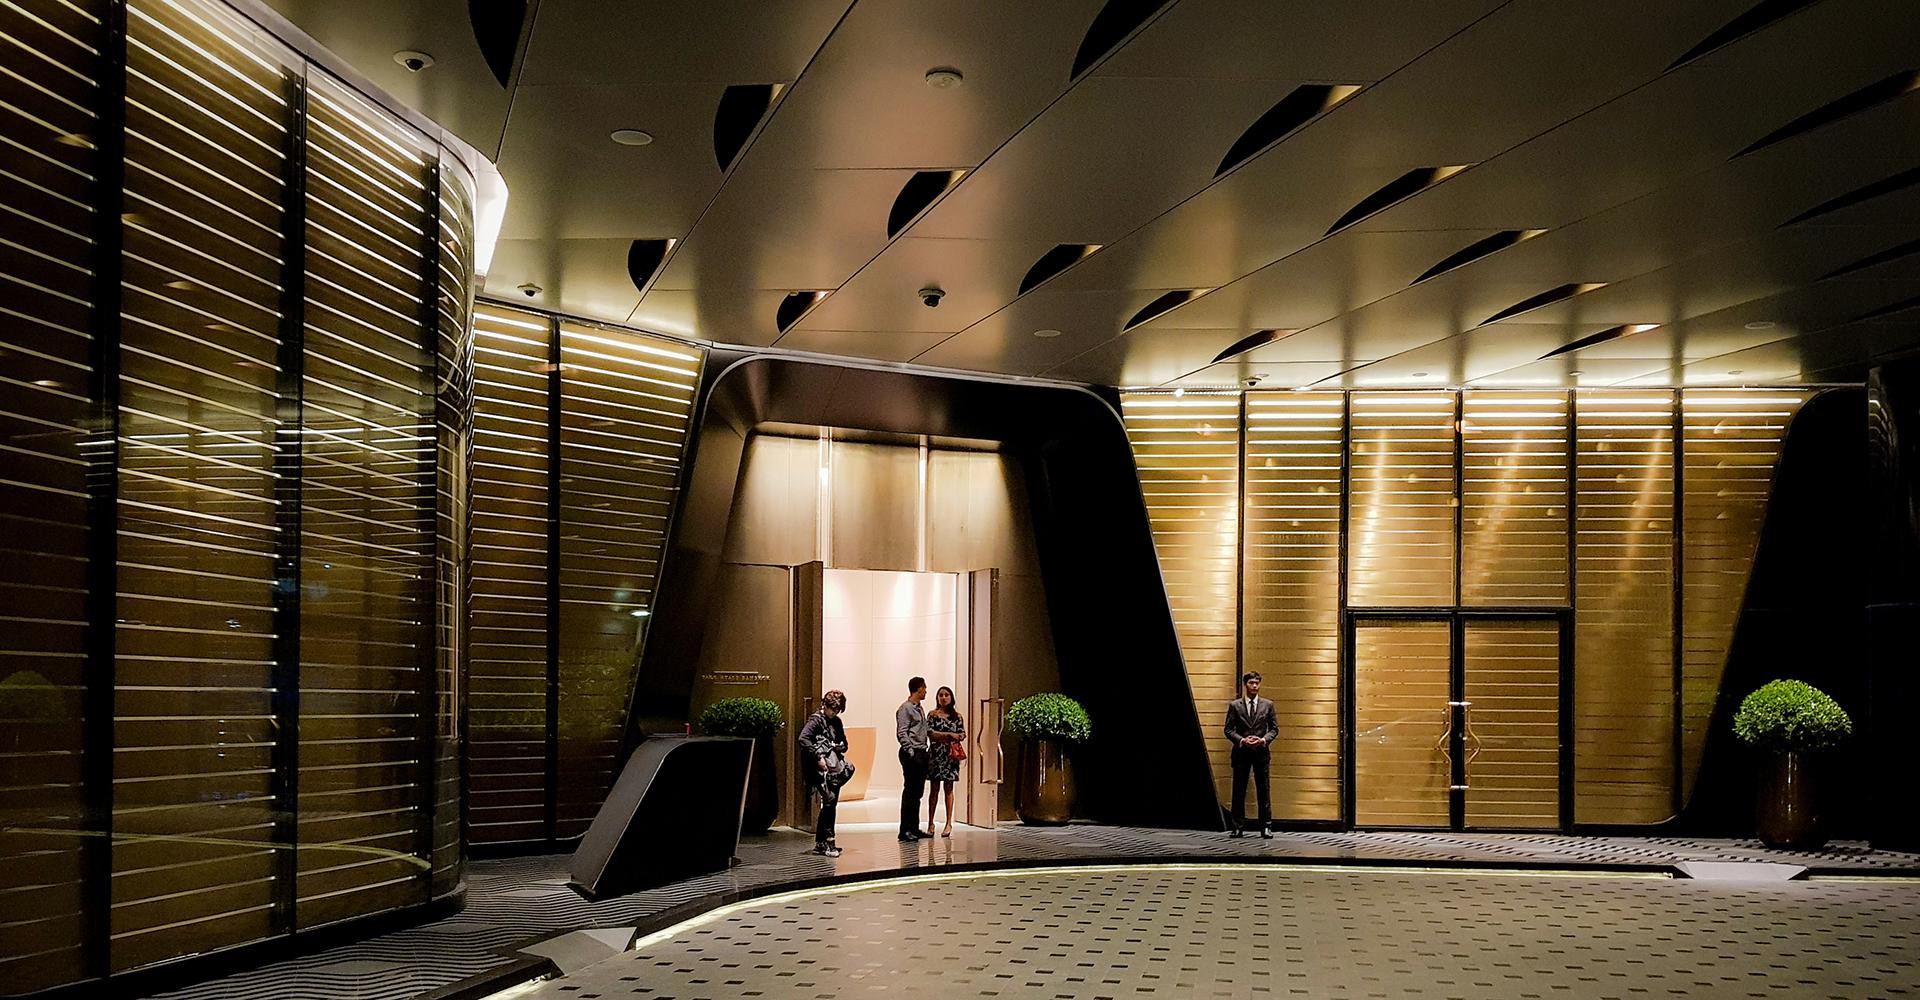 © Copyright Studio DS 2018 - Park Hyatt Bangkok Entrance As built